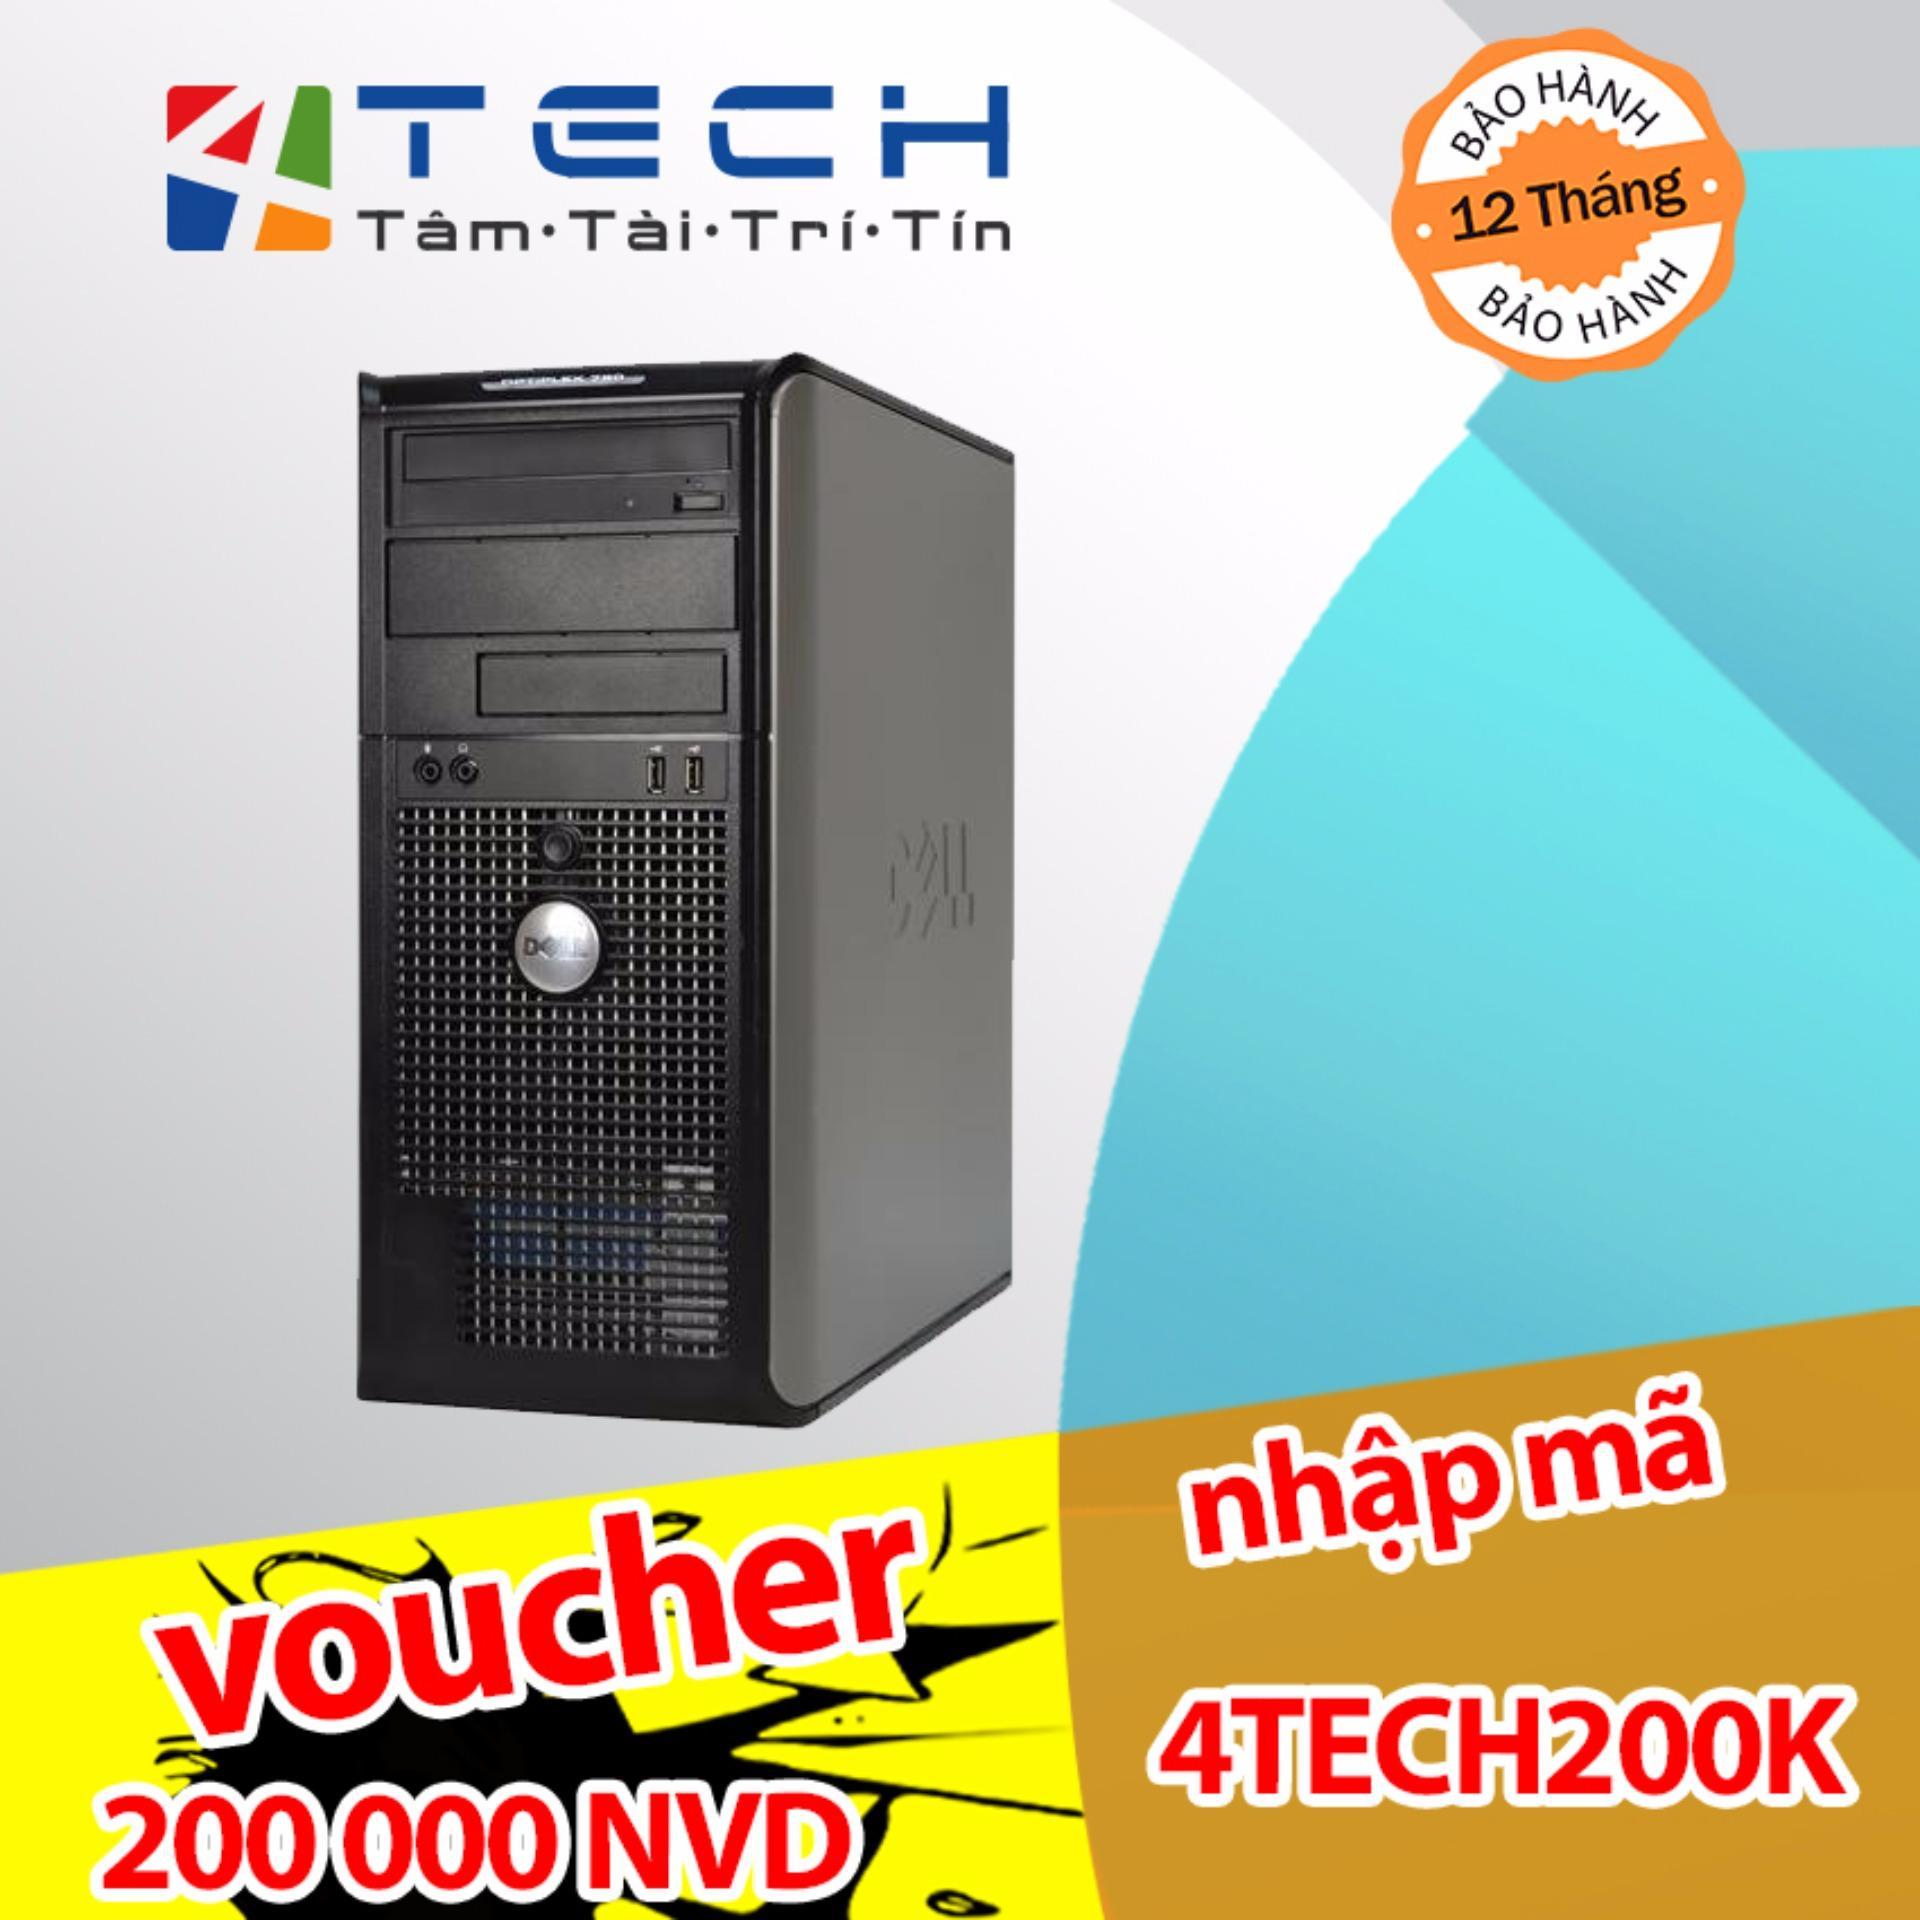 Hình ảnh Máy Bộ Chuyên Game 4TechGD780MT Q9400 2.66Ghz(6MB Cache, 4 lõi thực), Ram 4GB, HDD 500GB, Card GT-730 2GB DDR5.